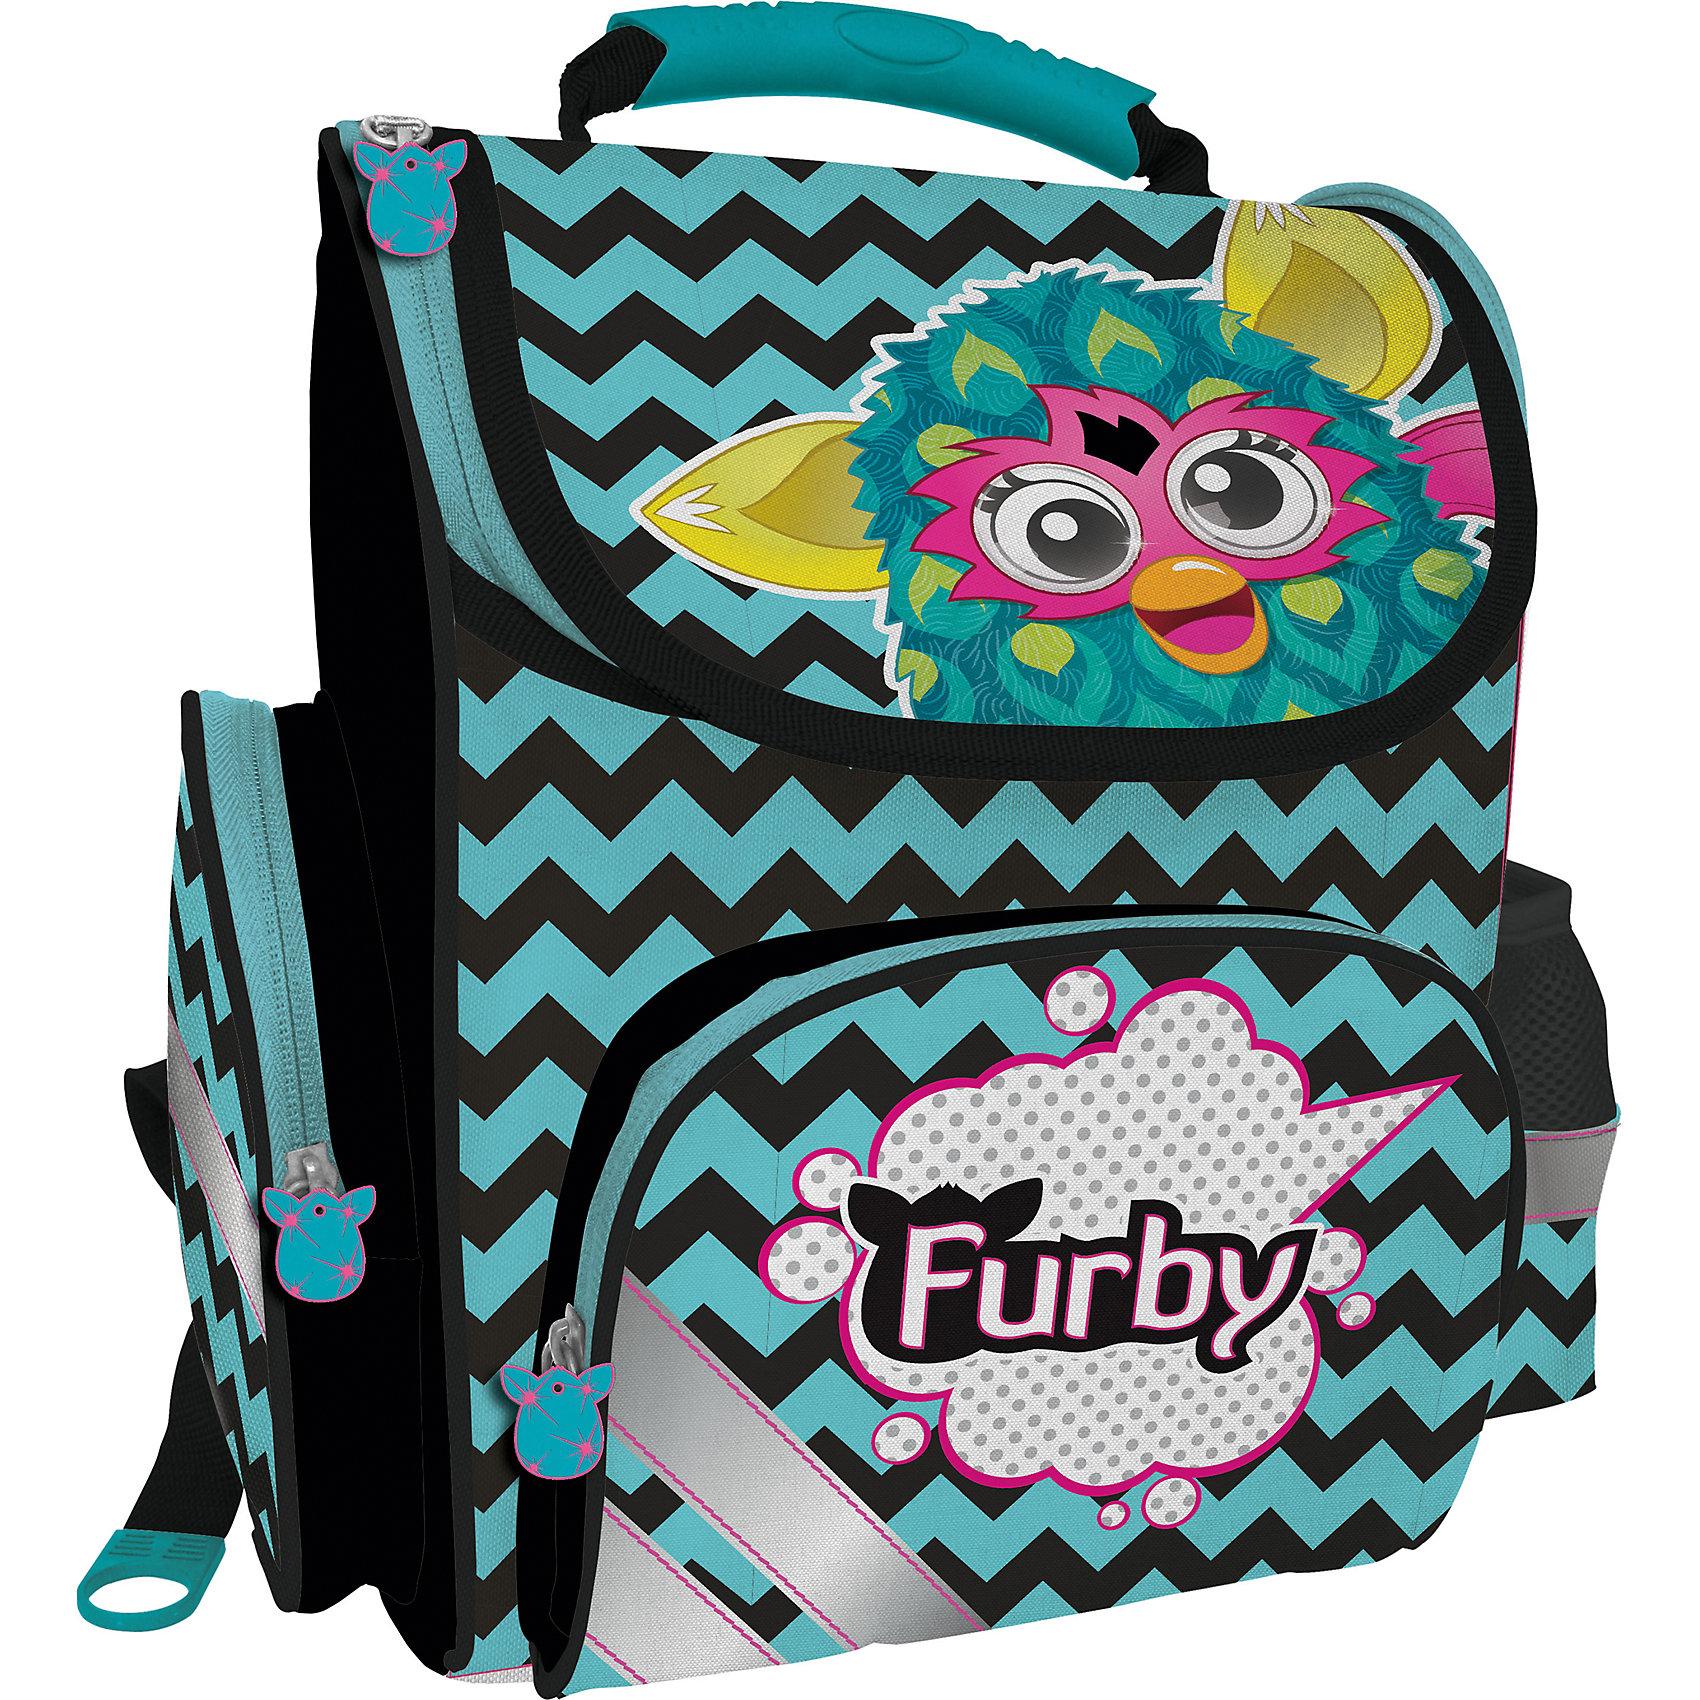 Академия групп Школьный ранец Furby с эргономической спинкой furby рюкзак 35 см в полоску 1toy